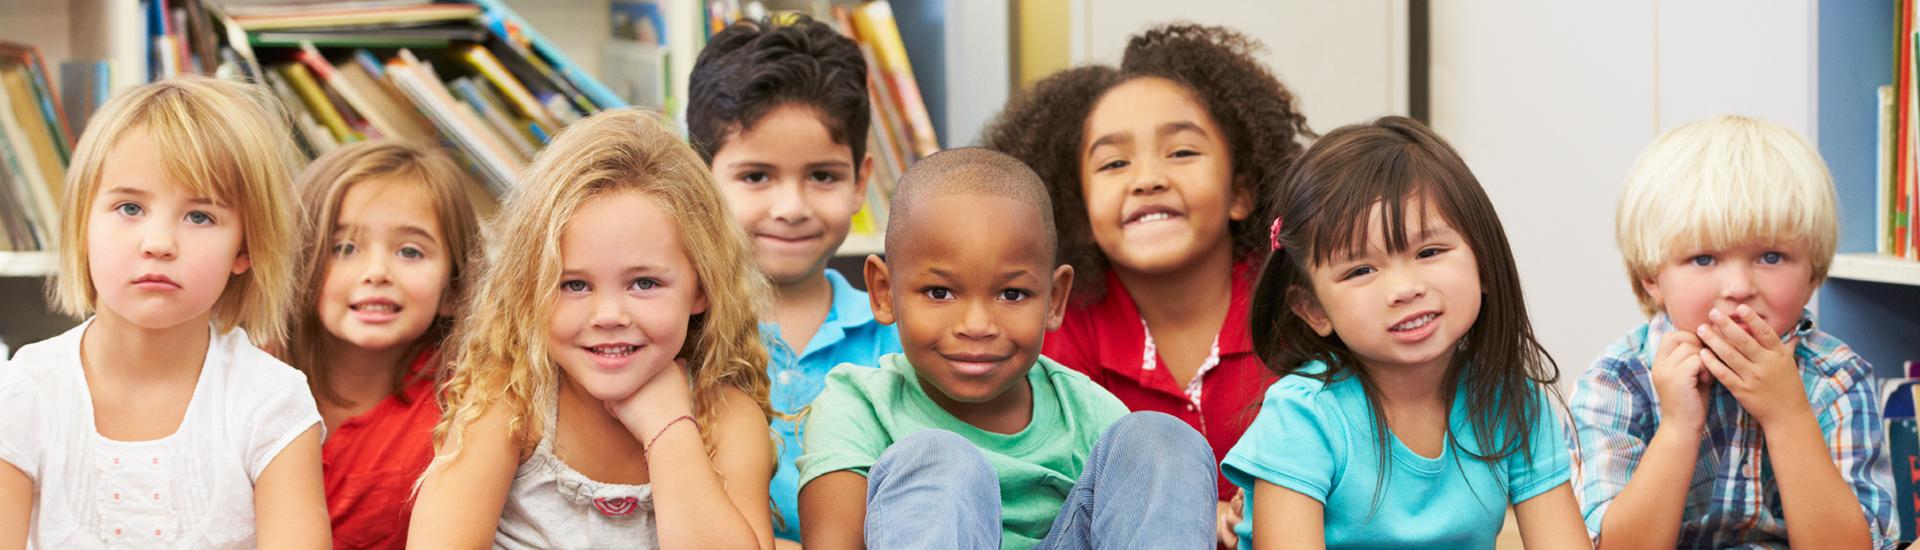 soutien-ressources-intervenants-en-milieu-de-garde-et-scolaire-enfants-tdah